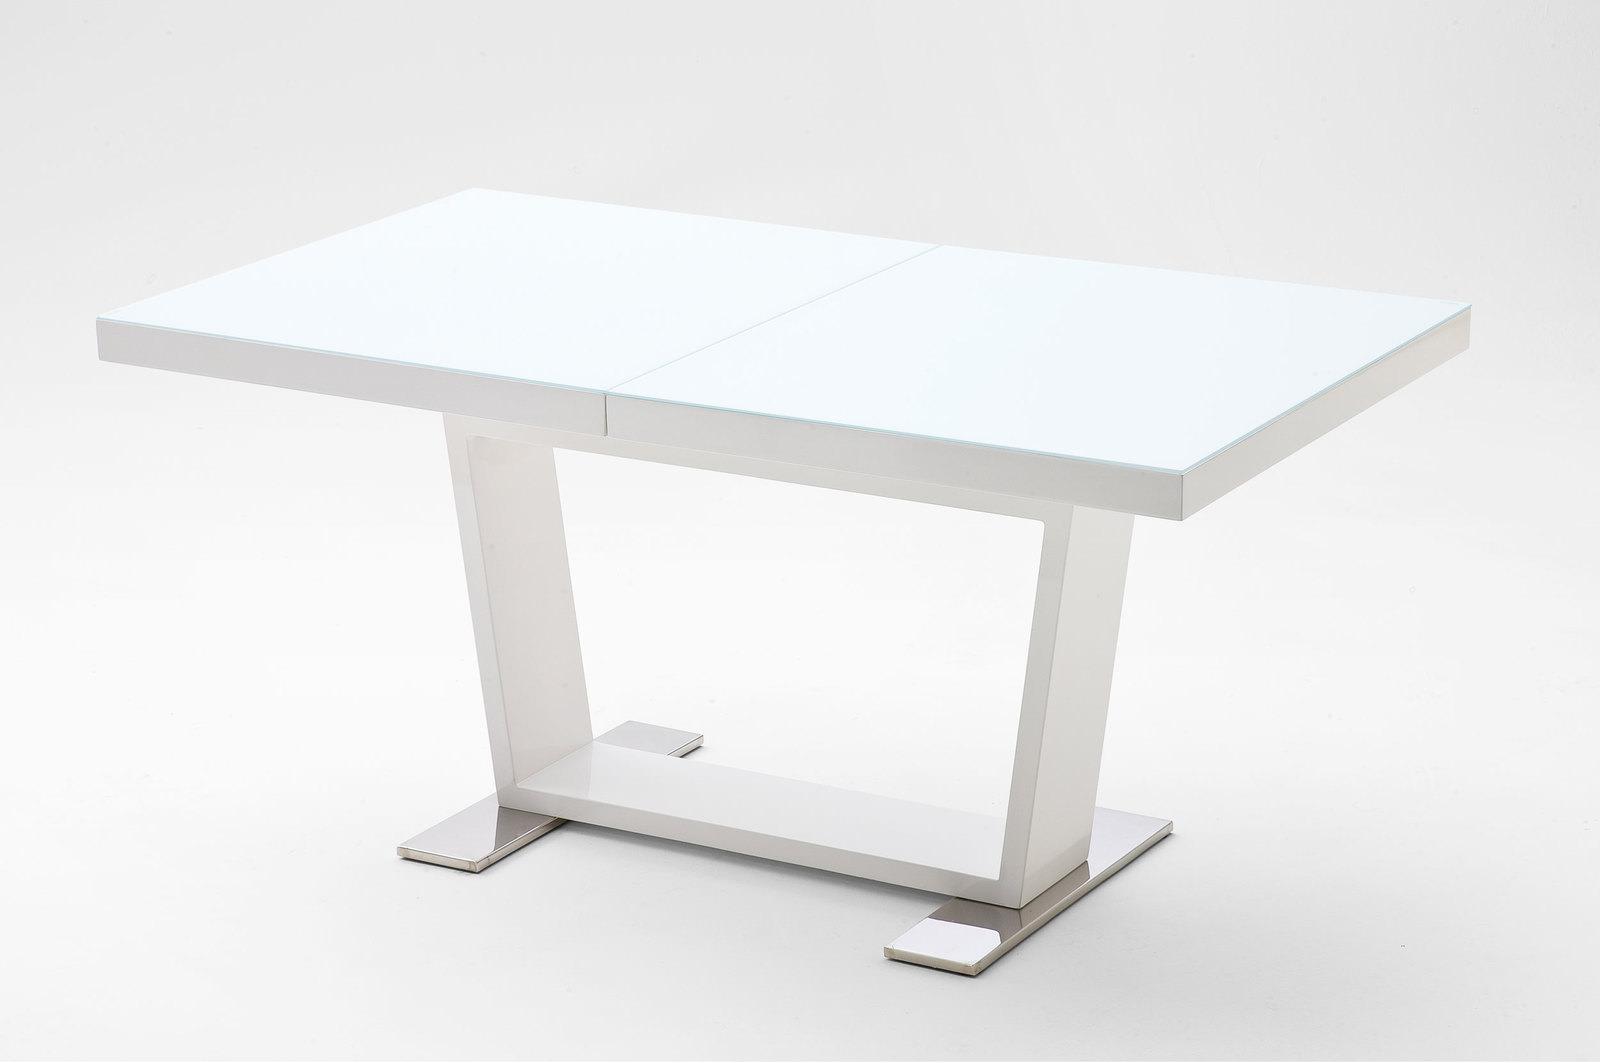 Tisch online entdecken | Schaffrath - Ihr Möbelhaus